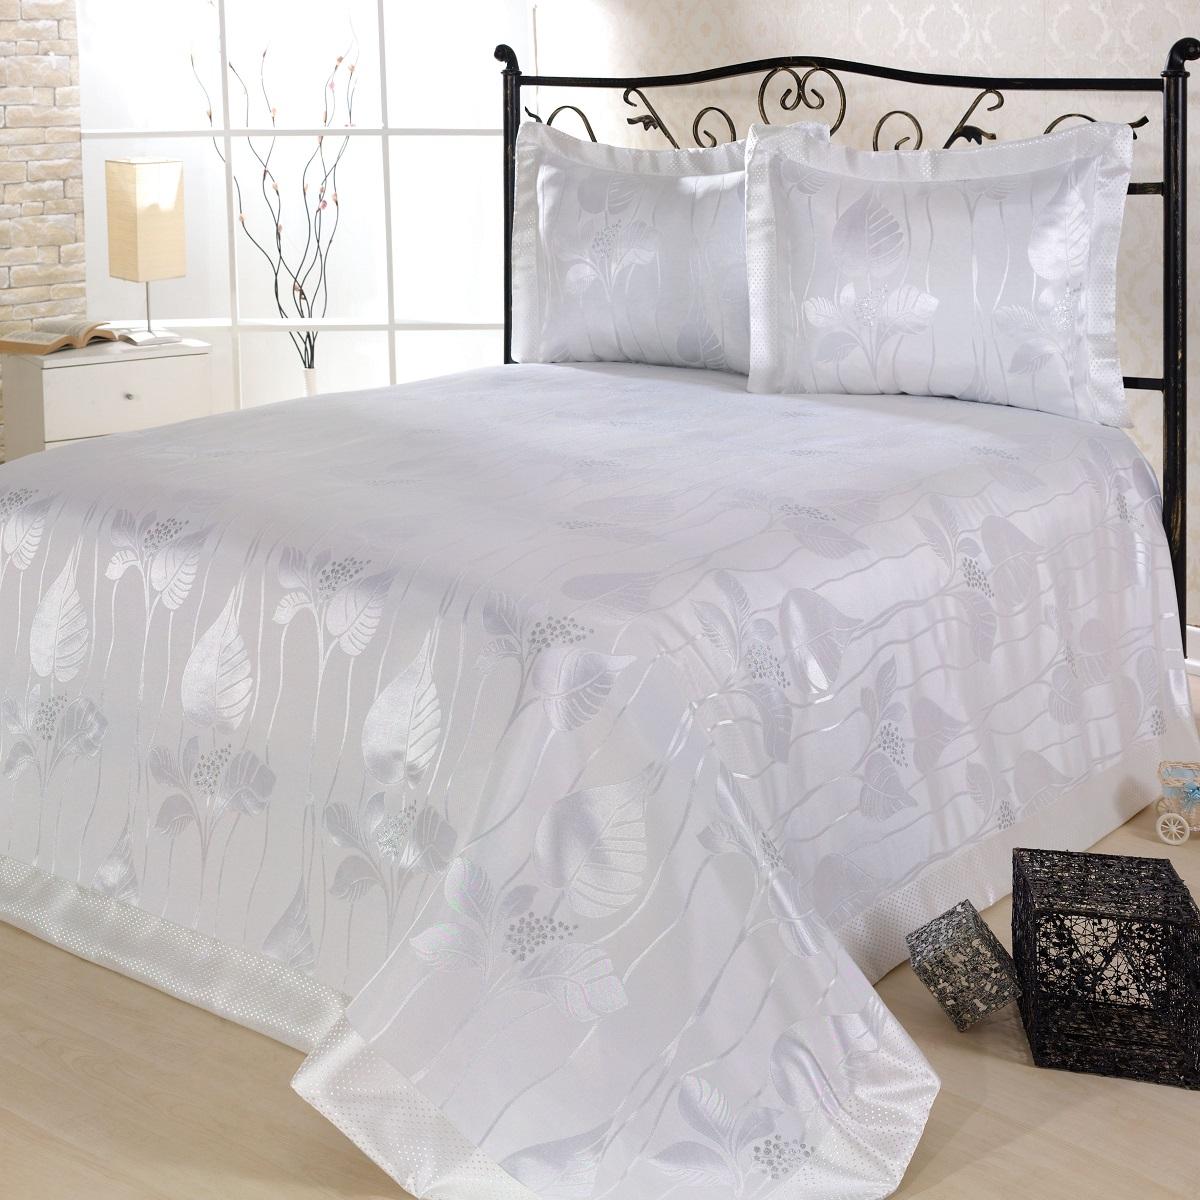 Комплект для спальни Nazsu Yaprak: покрывало 240 х 260 см, 2 наволочки 50 х 70 см, цвет: белый811/4/CHAR002Изысканный комплект для спальни Nazsu Yaprak состоит из покрывала и двух наволочек. Изделия выполнены из высококачественного полиэстера (50%) и хлопка (50%), легкие, прочные и износостойкие. Ткань блестящая, что придает ей больше роскоши. Комплект Nazsu - это отличный способ придать спальне уют и комфорт, а также позволит по-королевски украсить интерьер. Размер покрывала: 240 х 260 см. Размер наволочки: 50 х 70 см.